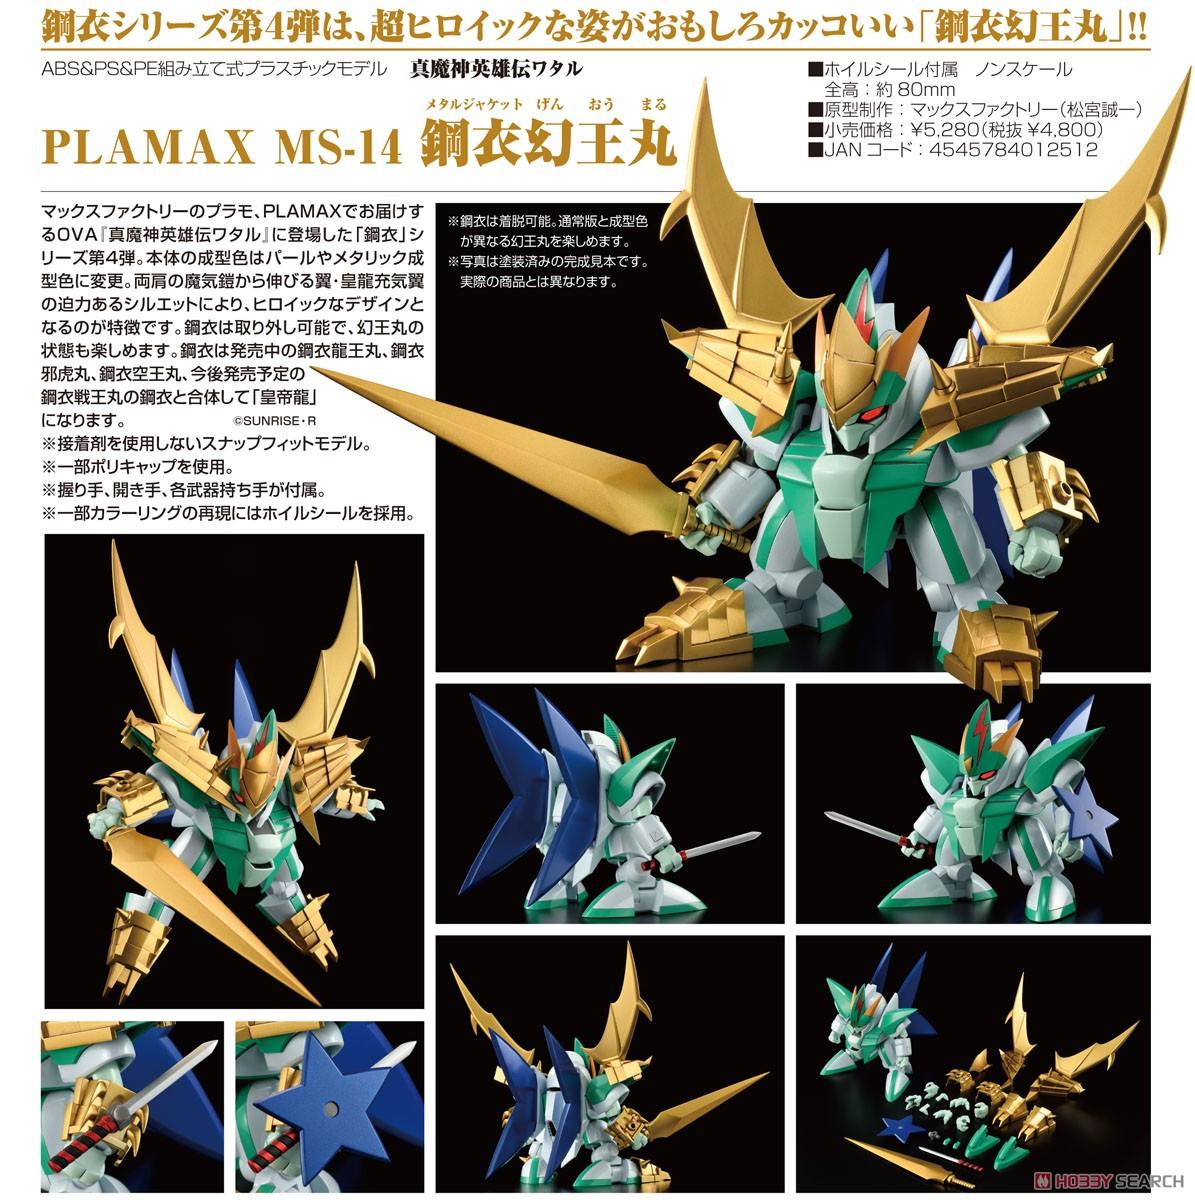 PLAMAX MS-15『鋼衣幻王丸』真魔神英雄伝ワタル プラモデル-009